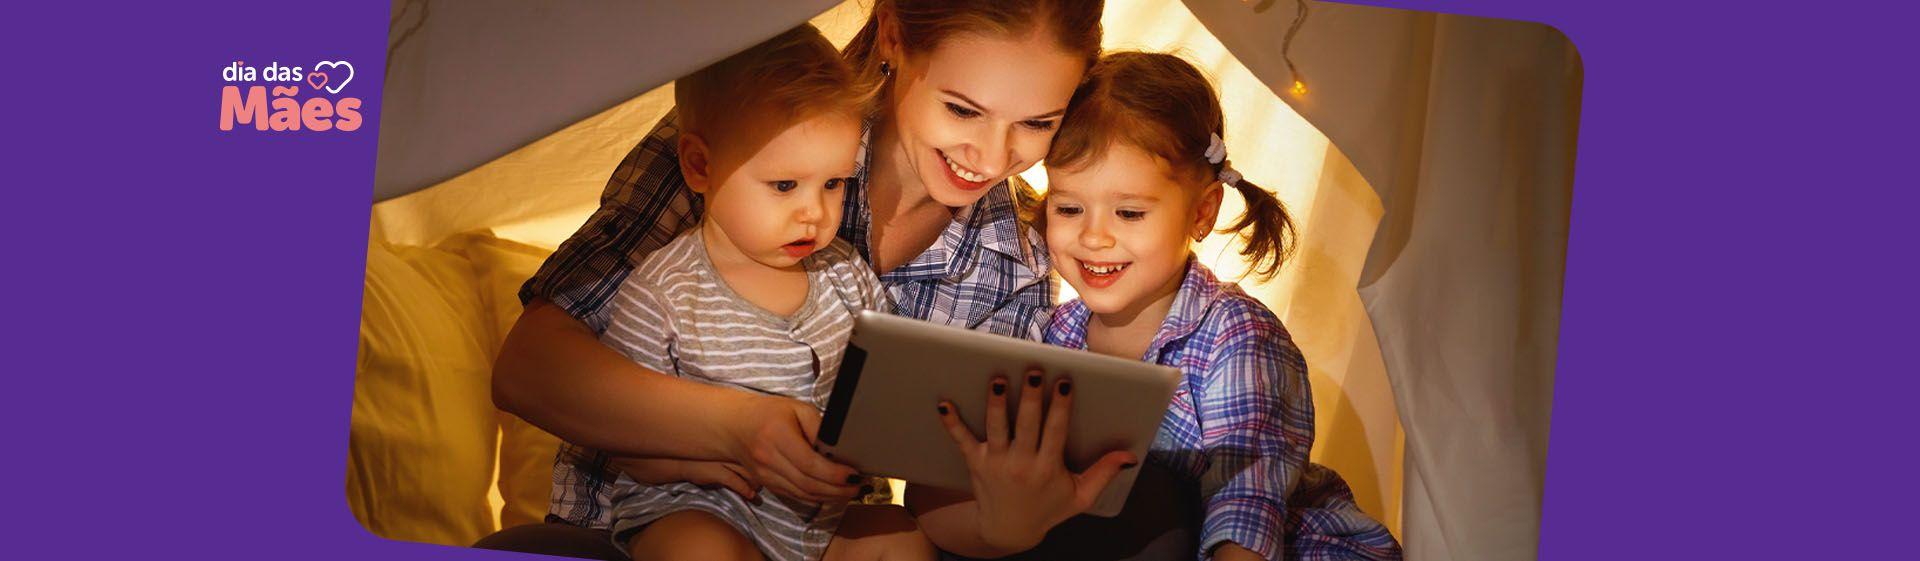 Presente de Dia das Mães: confira as melhores opções para a data